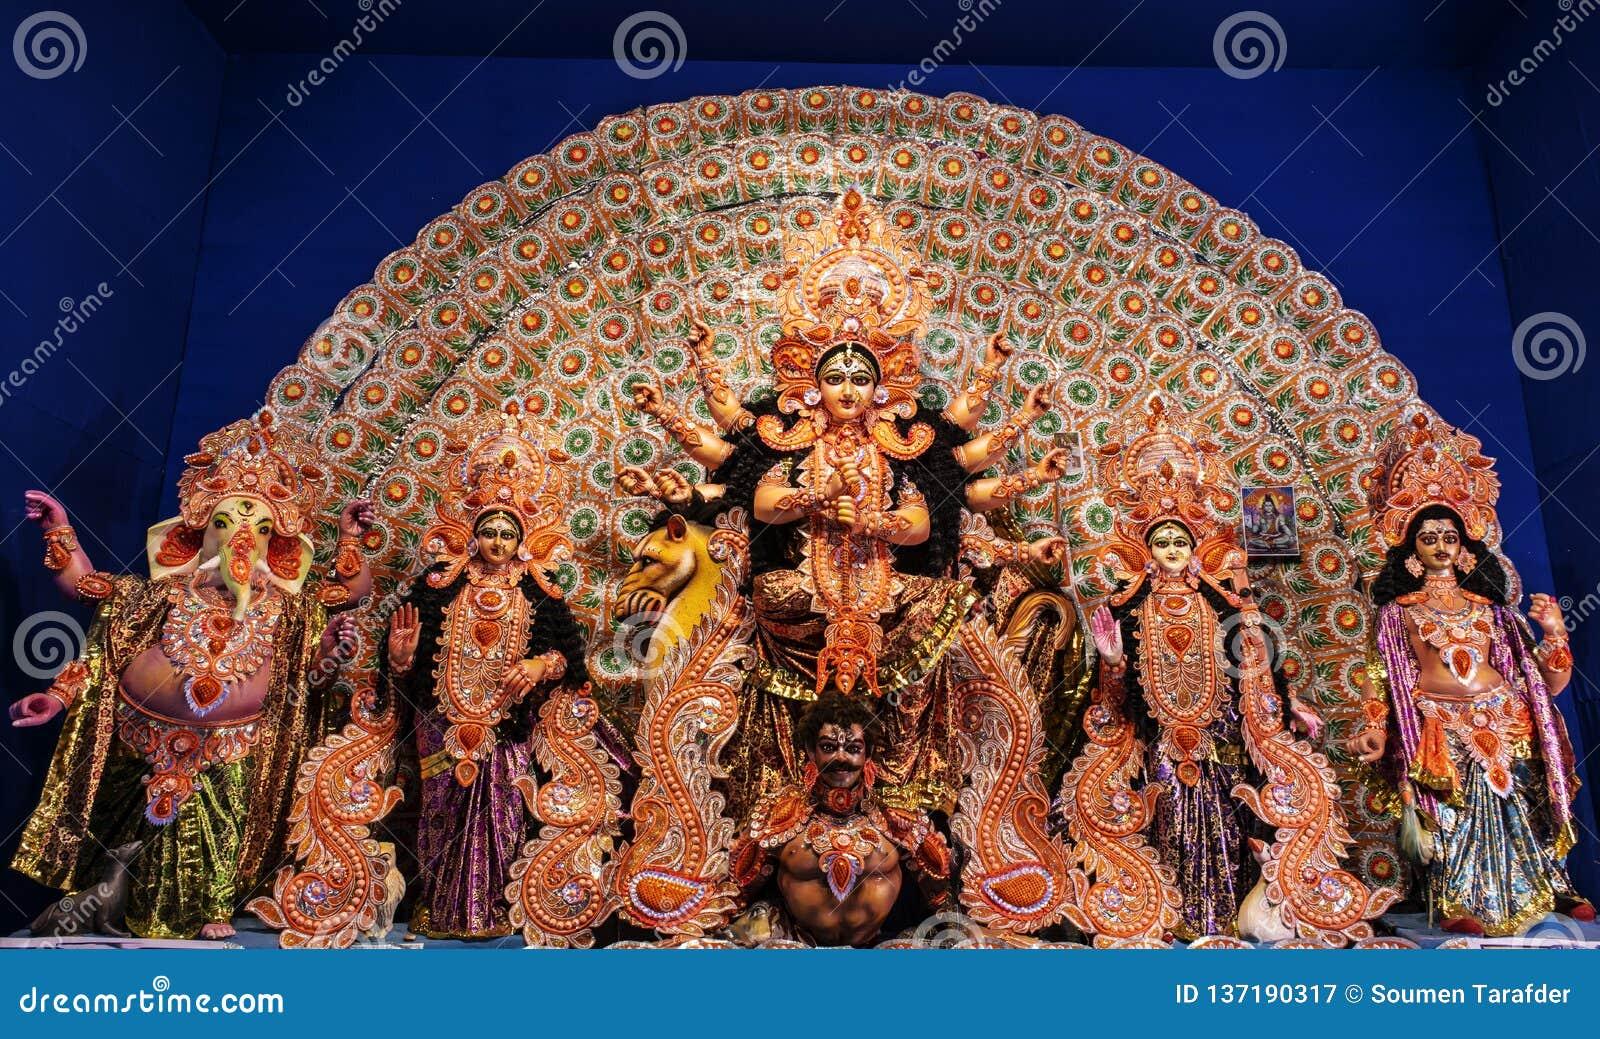 Godin Durga: Durga Puja is één van het beroemdste die festival in West-Bengalen, Assam, Tripura wordt gevierd en is nu gevierd w